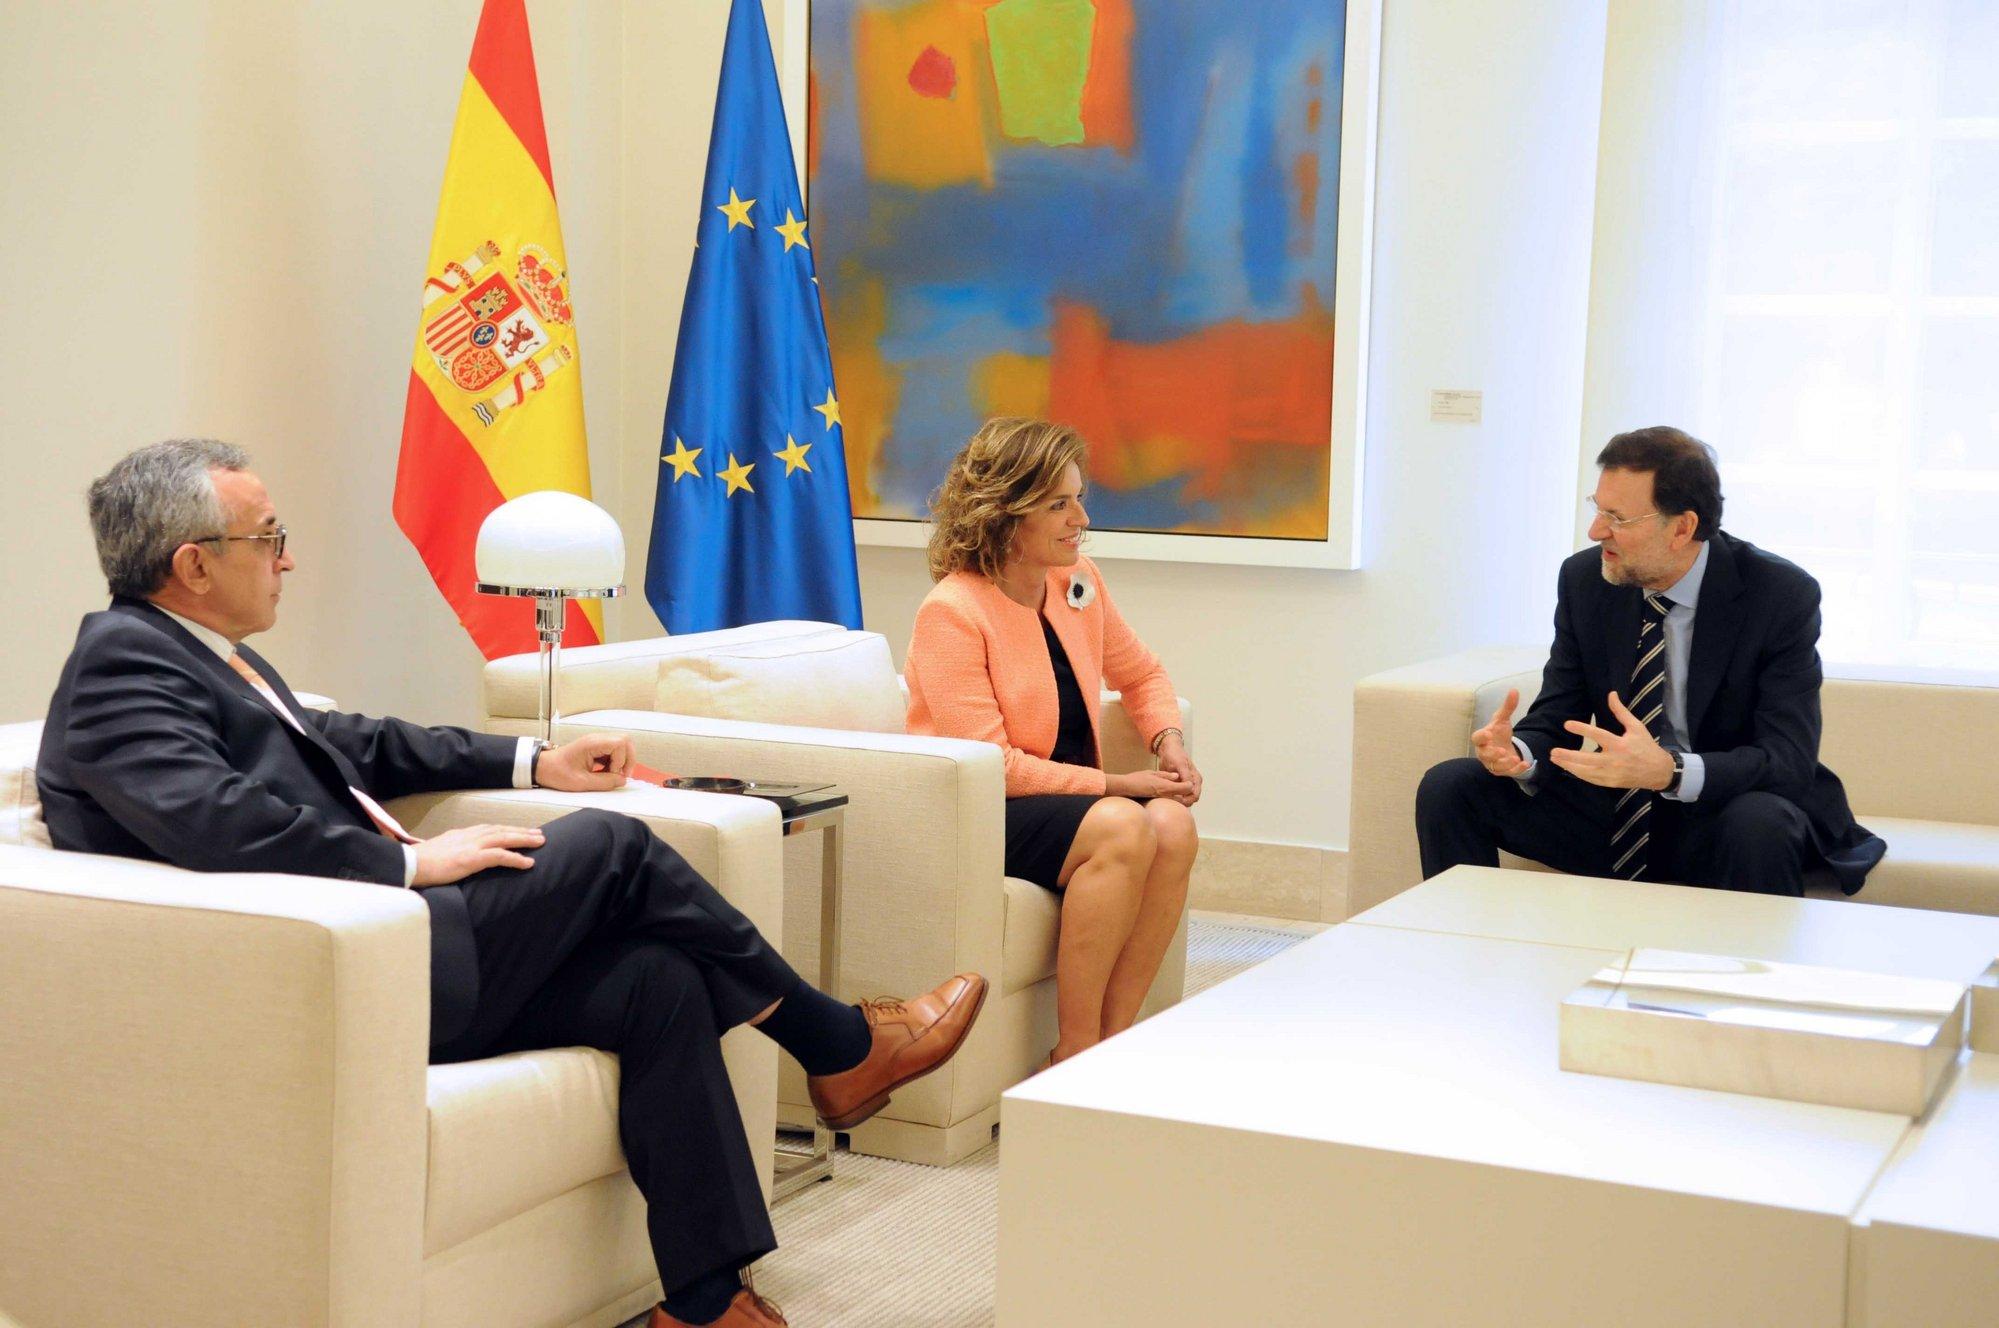 Rajoy reitera ante Botella y Blanco el apoyo del Gobierno a Madrid 2020